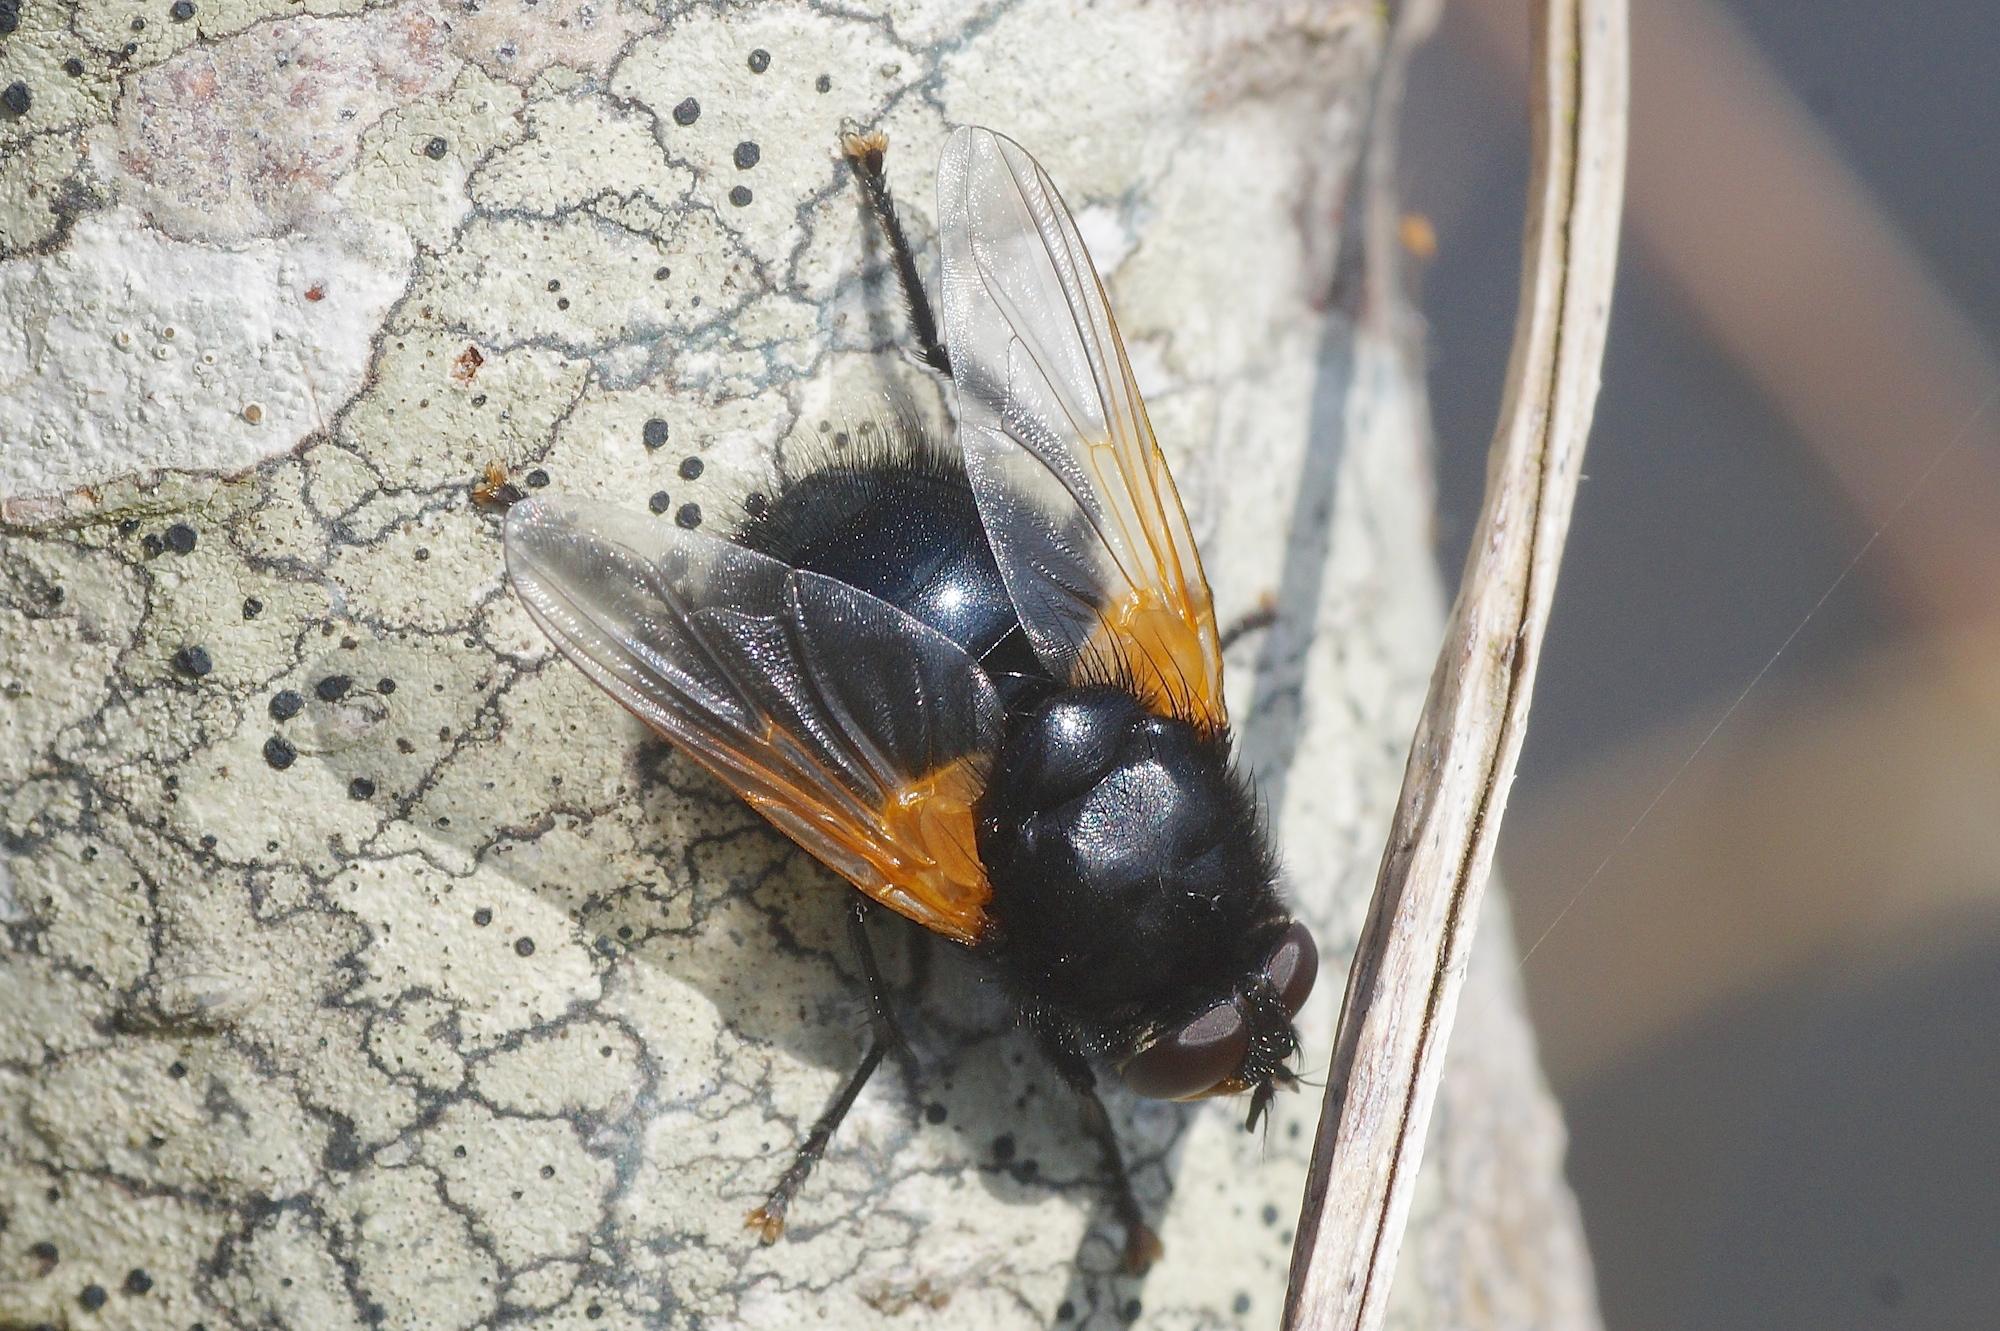 La mouche de midi quel est cet animal - Mouche jaune et noire ...